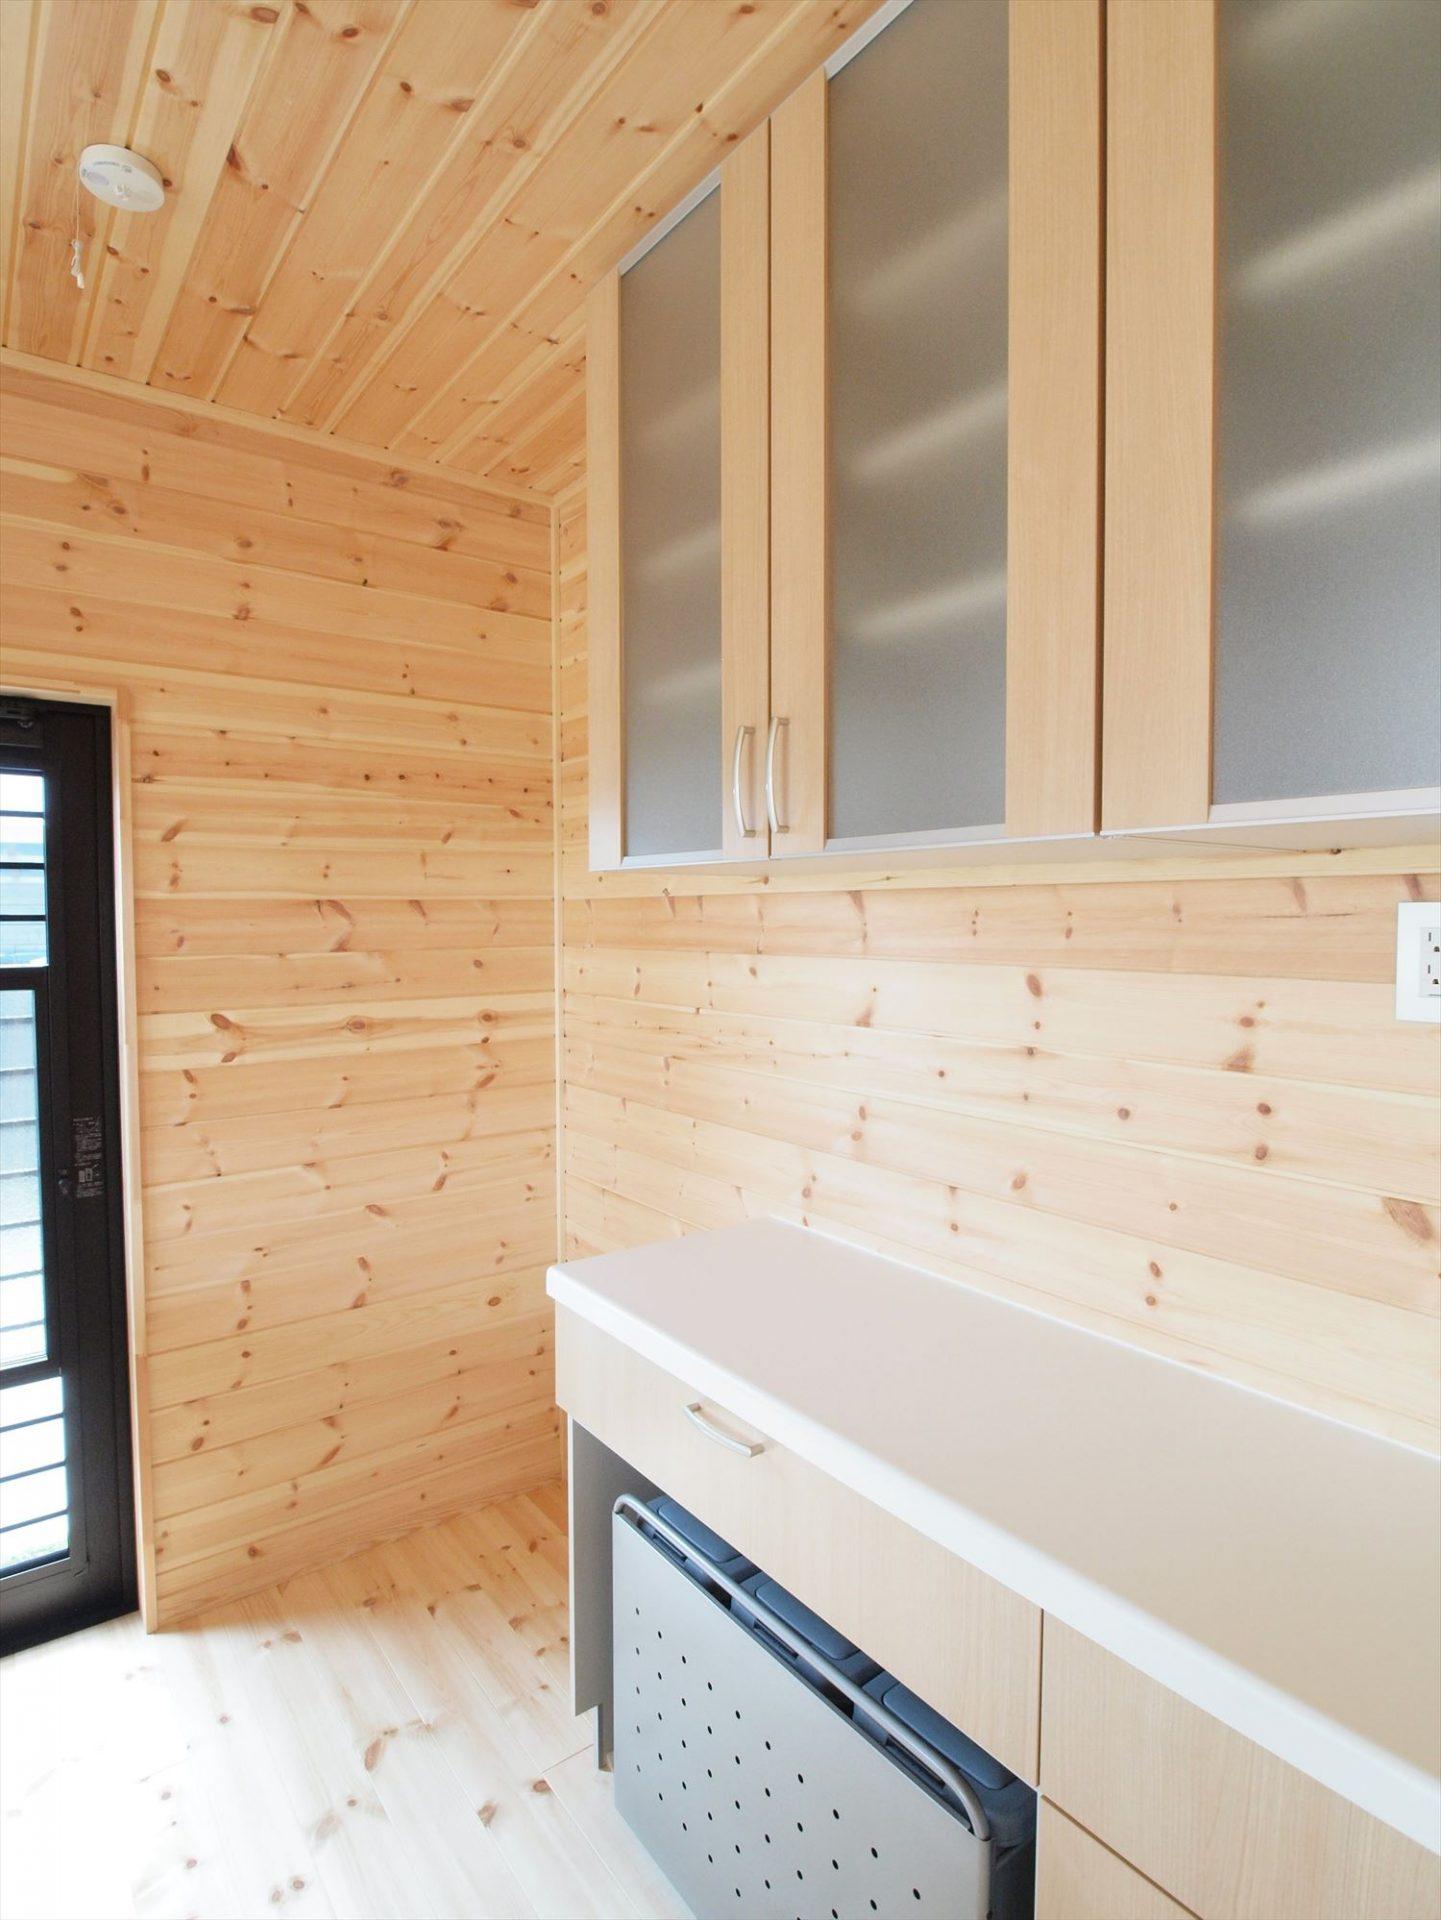 ログハウス風デザイン二階建てのキッチン収納|つくば市の注文住宅,ログハウスのような木の家を低価格で建てるならエイ・ワン